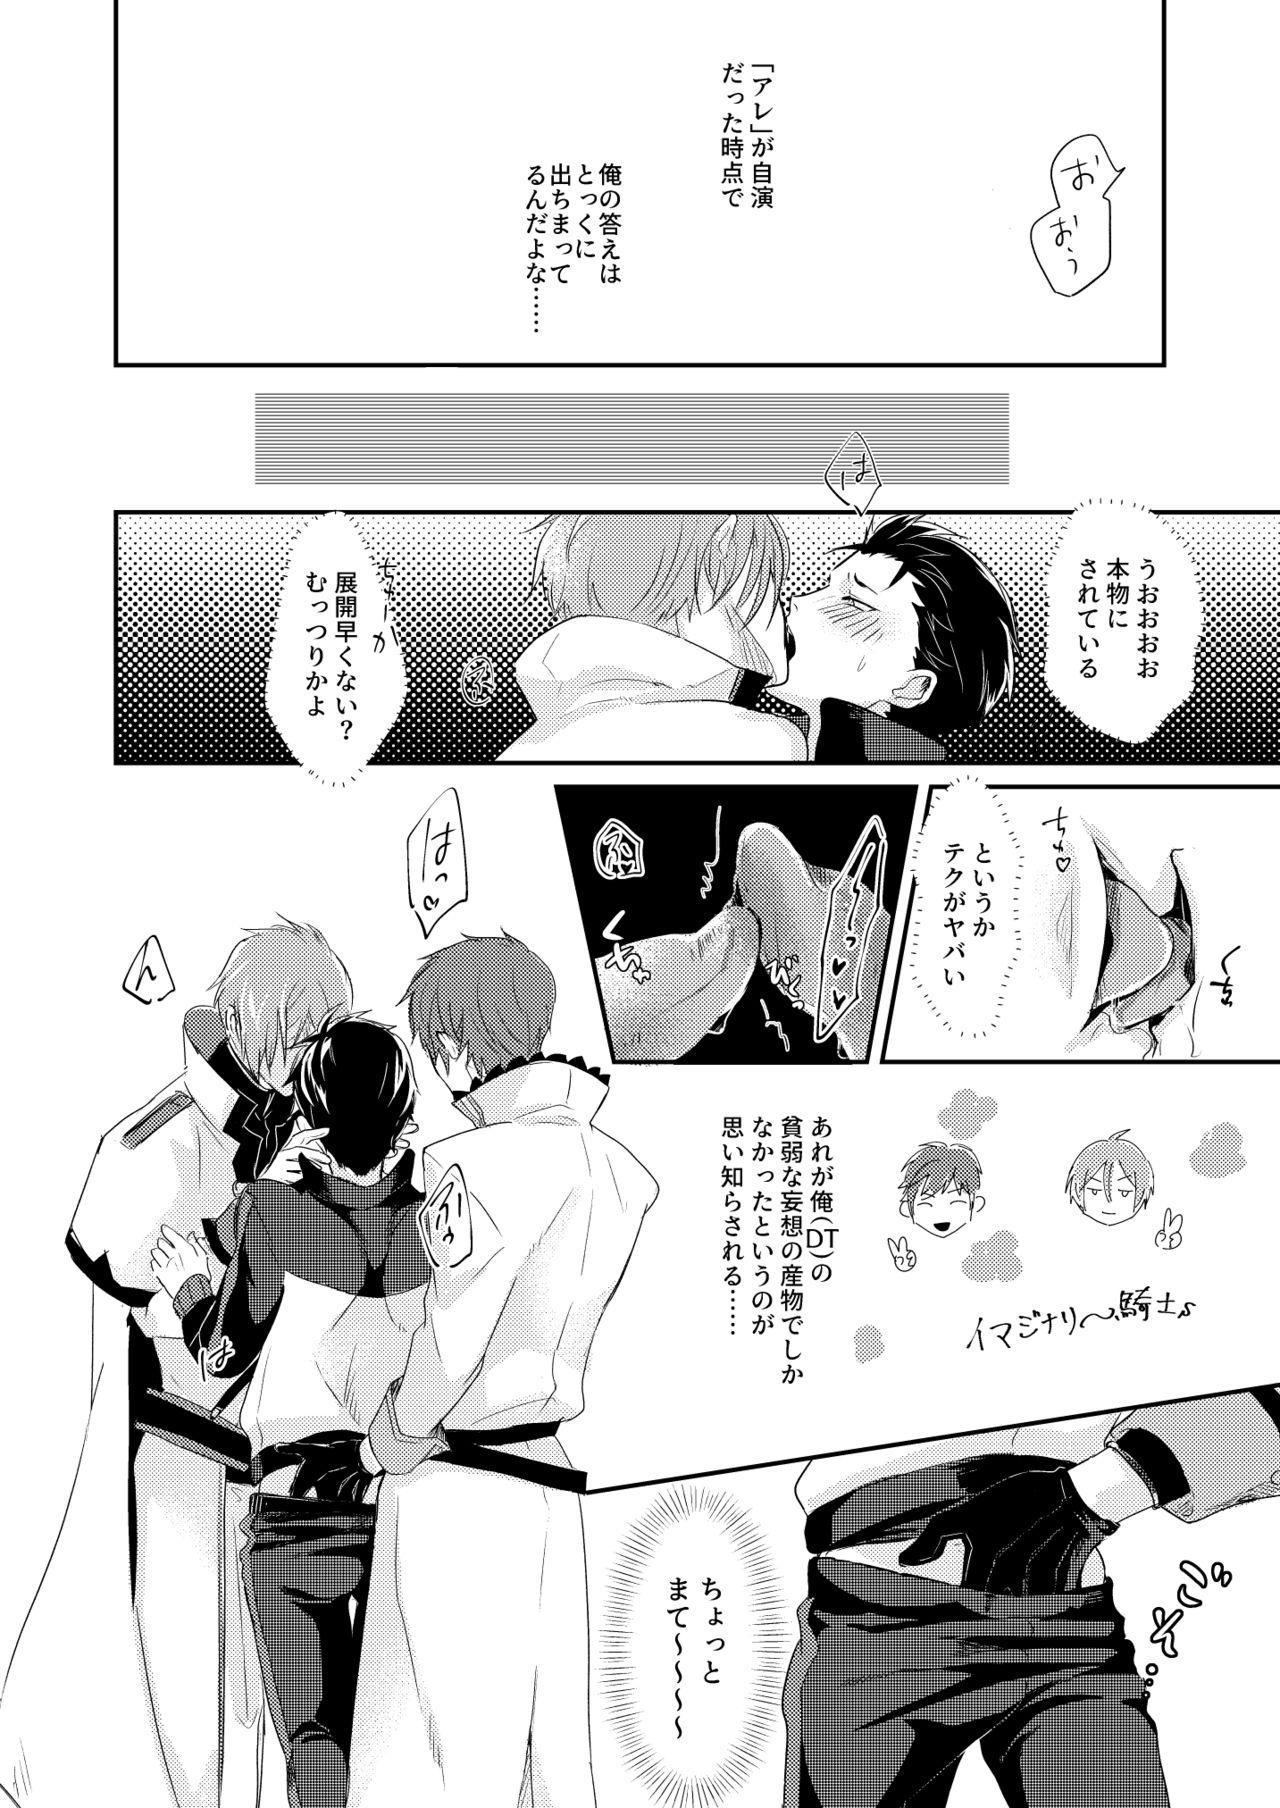 Sex Shinai to Modorenai 38